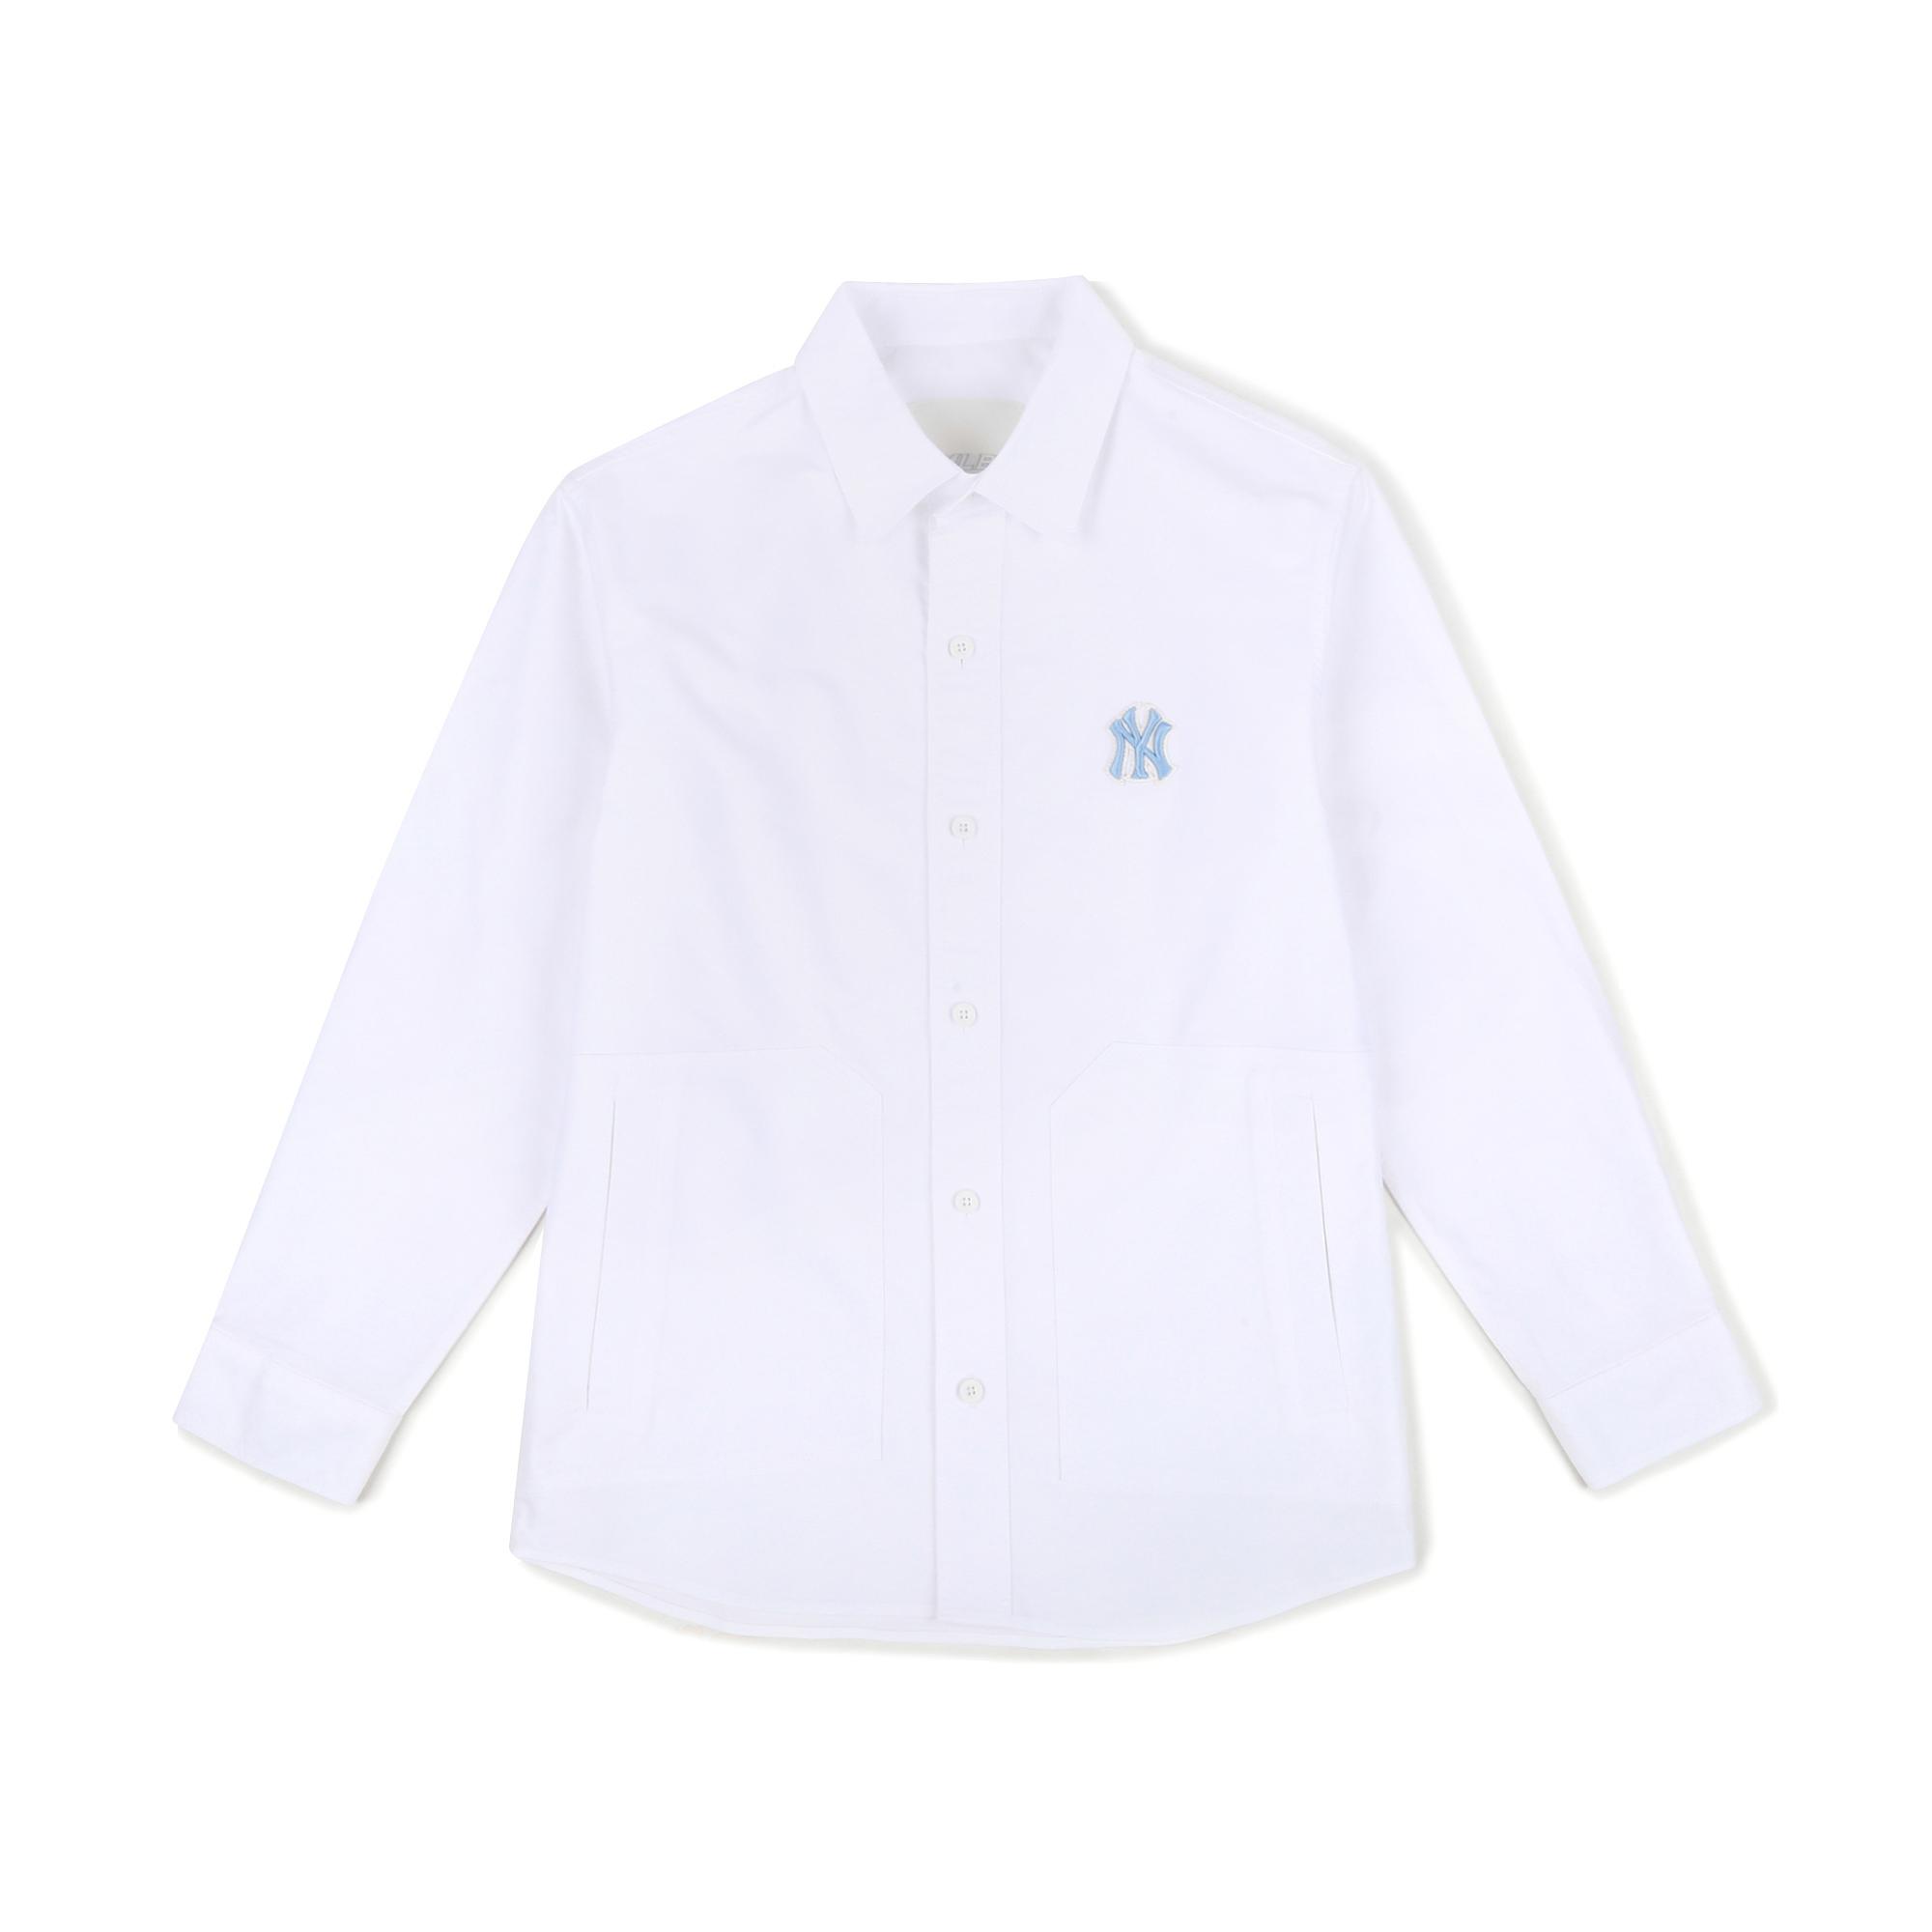 PRIDE TAG 아우터형 셔츠 뉴욕양키스